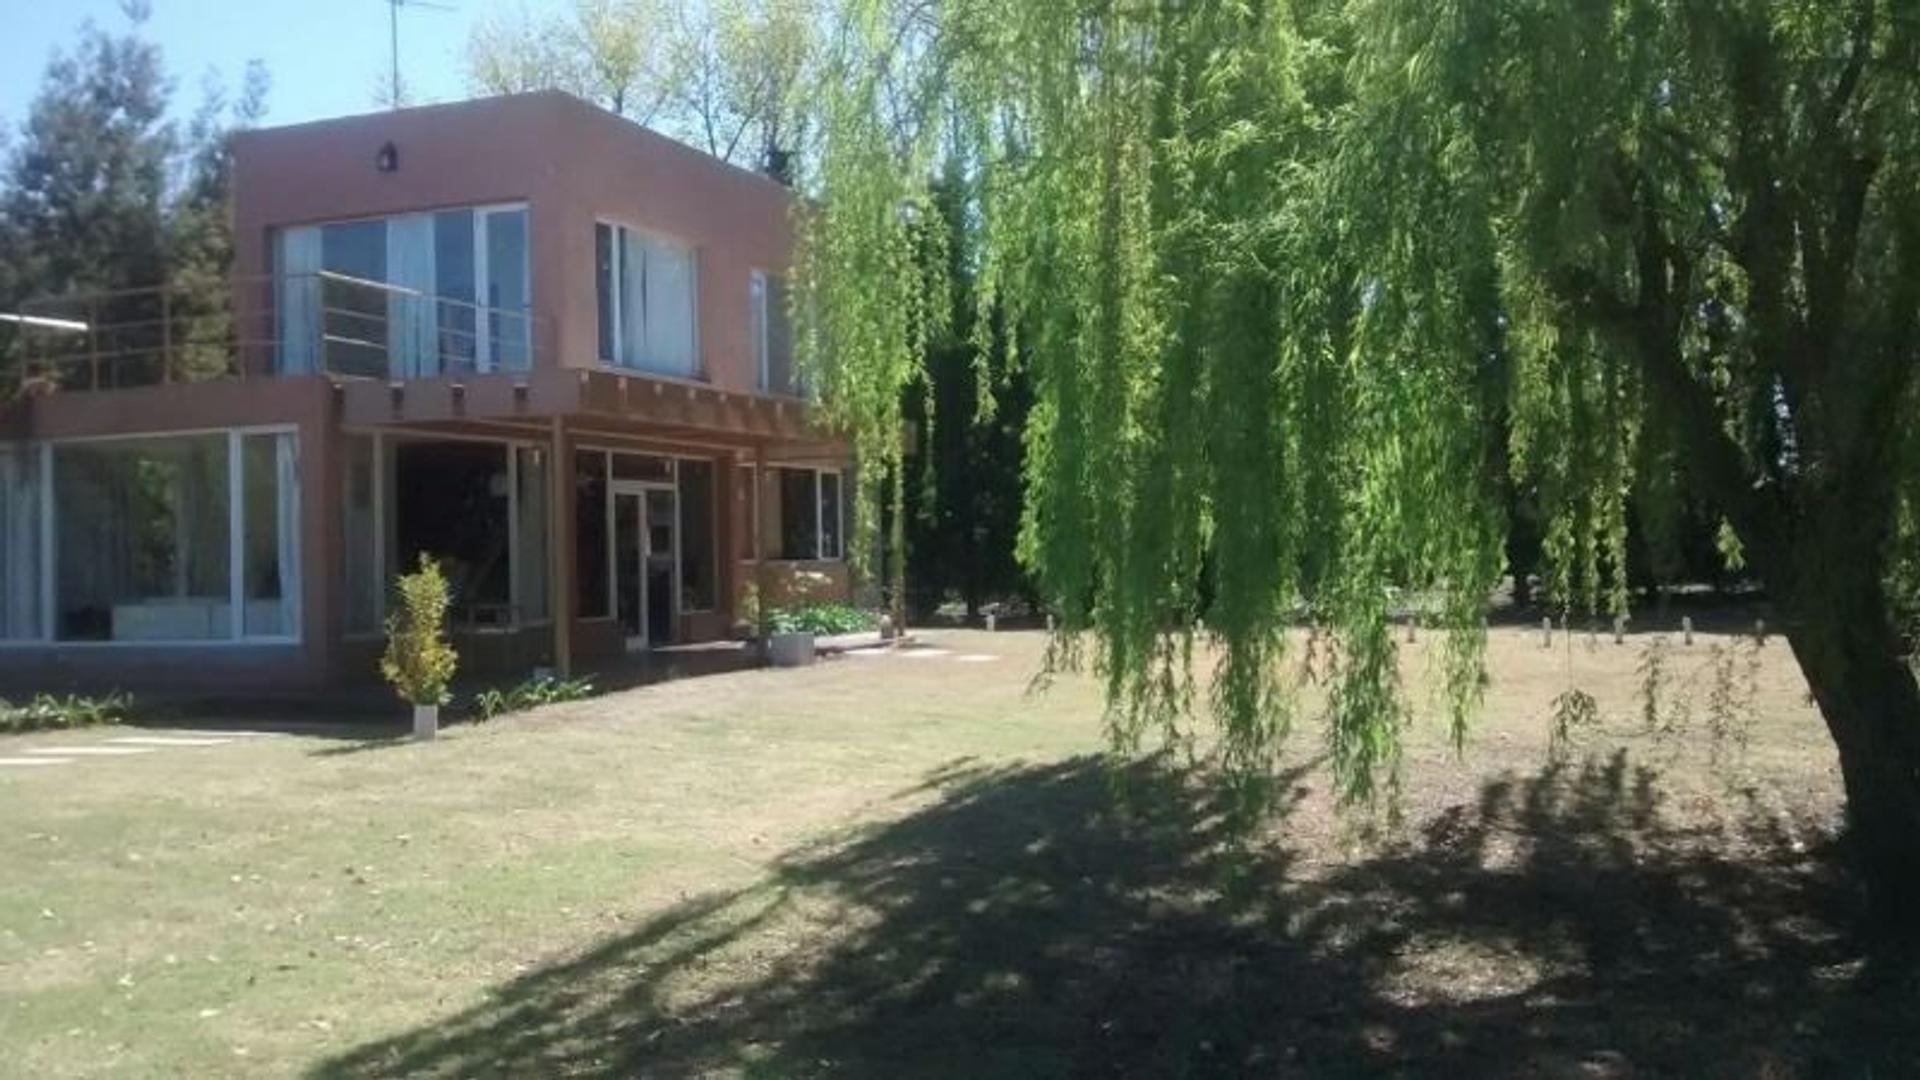 Excelente Casa quinta c / pileta para alquiler x dia / semana, amplio parque, parrilla!!!.